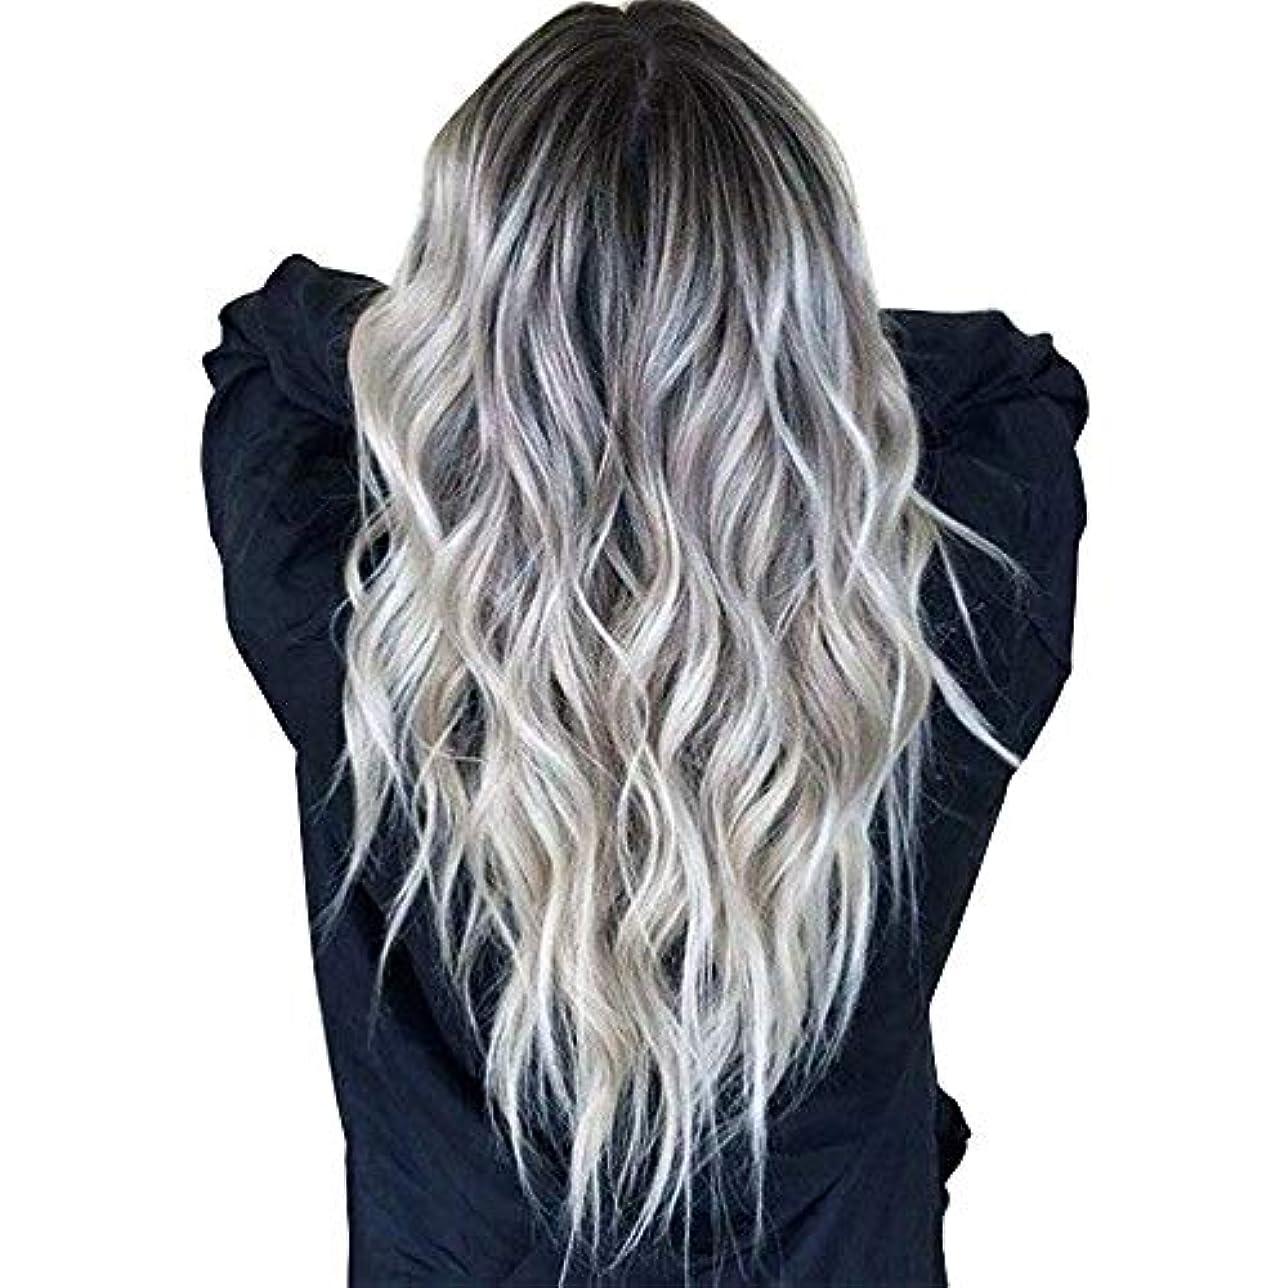 充電マトリックス静脈ウィッグキャップかつらで長いファンシードレスカールウィッグ高品質の人工毛髪コスプレ高密度ウィッグ女性と女の子のためのかつら27.5インチv